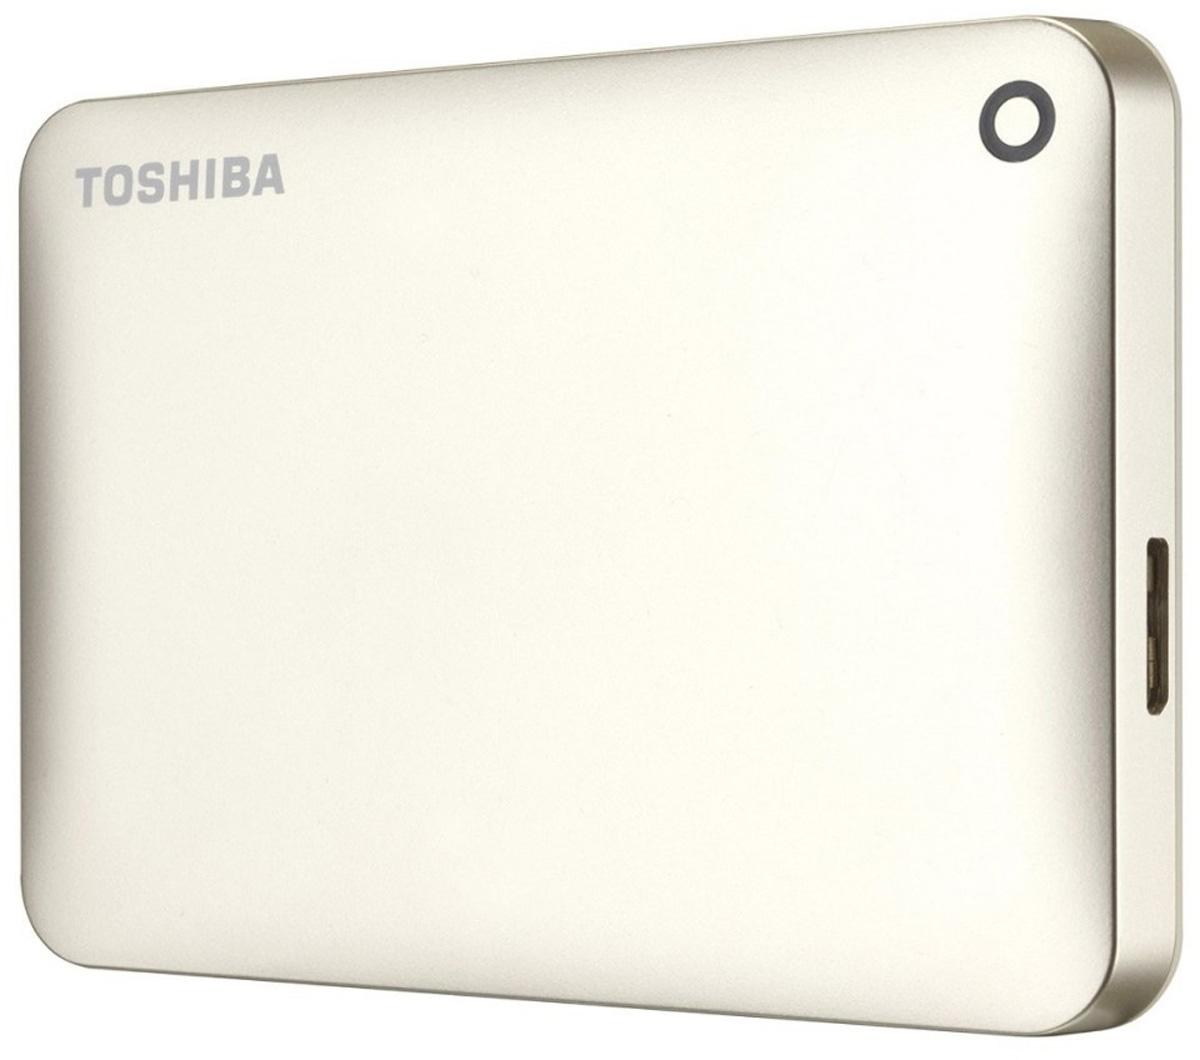 Toshiba Canvio Connect II 3TB, Gold внешний жесткий диск (HDTC830EC3CA)HDTC830EC3CAToshiba Canvio Connect II дает вам возможность быстро передавать файлы с интерфейсом USB 3.0 и хранить до 3 ТБ данных на внешнем жестком диске. Устройство полностью готово для работы с Microsoft Windows и не требует установки программного обеспечения, так что ничего не может быть удобнее для хранения всех ваших любимых файлов. В офисе или в дороге его классический дизайн будет всегда уместен. Более того, Toshiba Canvio Connect II позволяет подключаться также и к оборудованию с совместимостью USB 2.0.Этот внешний накопитель обеспечивает доступ к вашим файлам практически из любого места и с любого устройства. Toshiba Canvio Connect II может легко превратить ваш компьютер в облачный сервер благодаря предустановленному ПО для удаленного доступа (накопитель должен быть подключен к компьютеру и Wi-Fi). Помимо удаленного доступа это устройство предоставляет своему владельцу 10 ГБ дополнительного места в облачном сервисе. Программное обеспечение NTI Backup Now EZ обеспечивает удобное и надежное создание резервных копий и восстановление всех ваших папок, файлов и операционной системы.Canvio Connect II оборудован датчиком ударов, сигнал которого переводит головку жесткого диска в безопасное положение, за счет чего снижается риск повреждения носителя и потери данных при падении накопителя. Накопитель имеет уже установленный драйвер NTFS для Mac, поэтому вам не придется волноваться из-за типа вашего компьютера - просто подключите Canvio Connect II и получите доступ к вашим файлам.